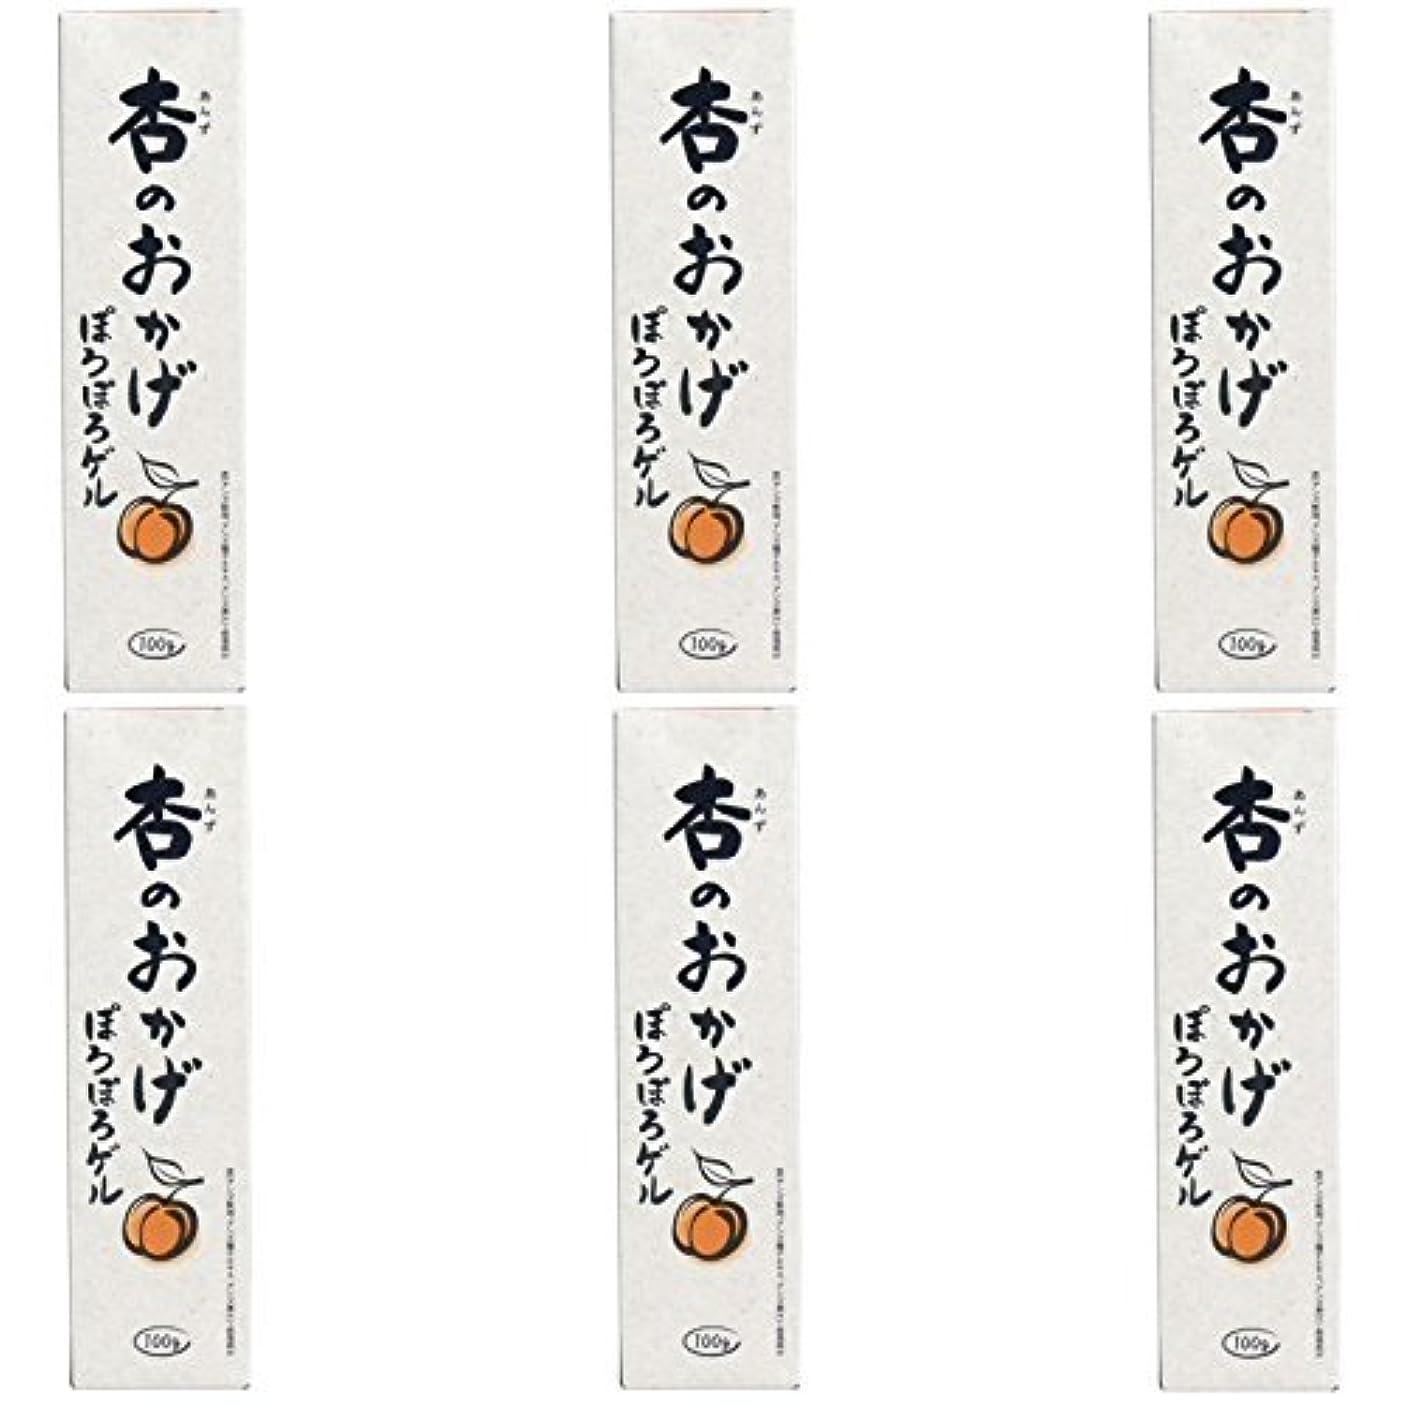 厳プーノコンピューターゲームをプレイする【まとめ買い】杏のおかげ ぽろぽろゲル 100g【×6個】